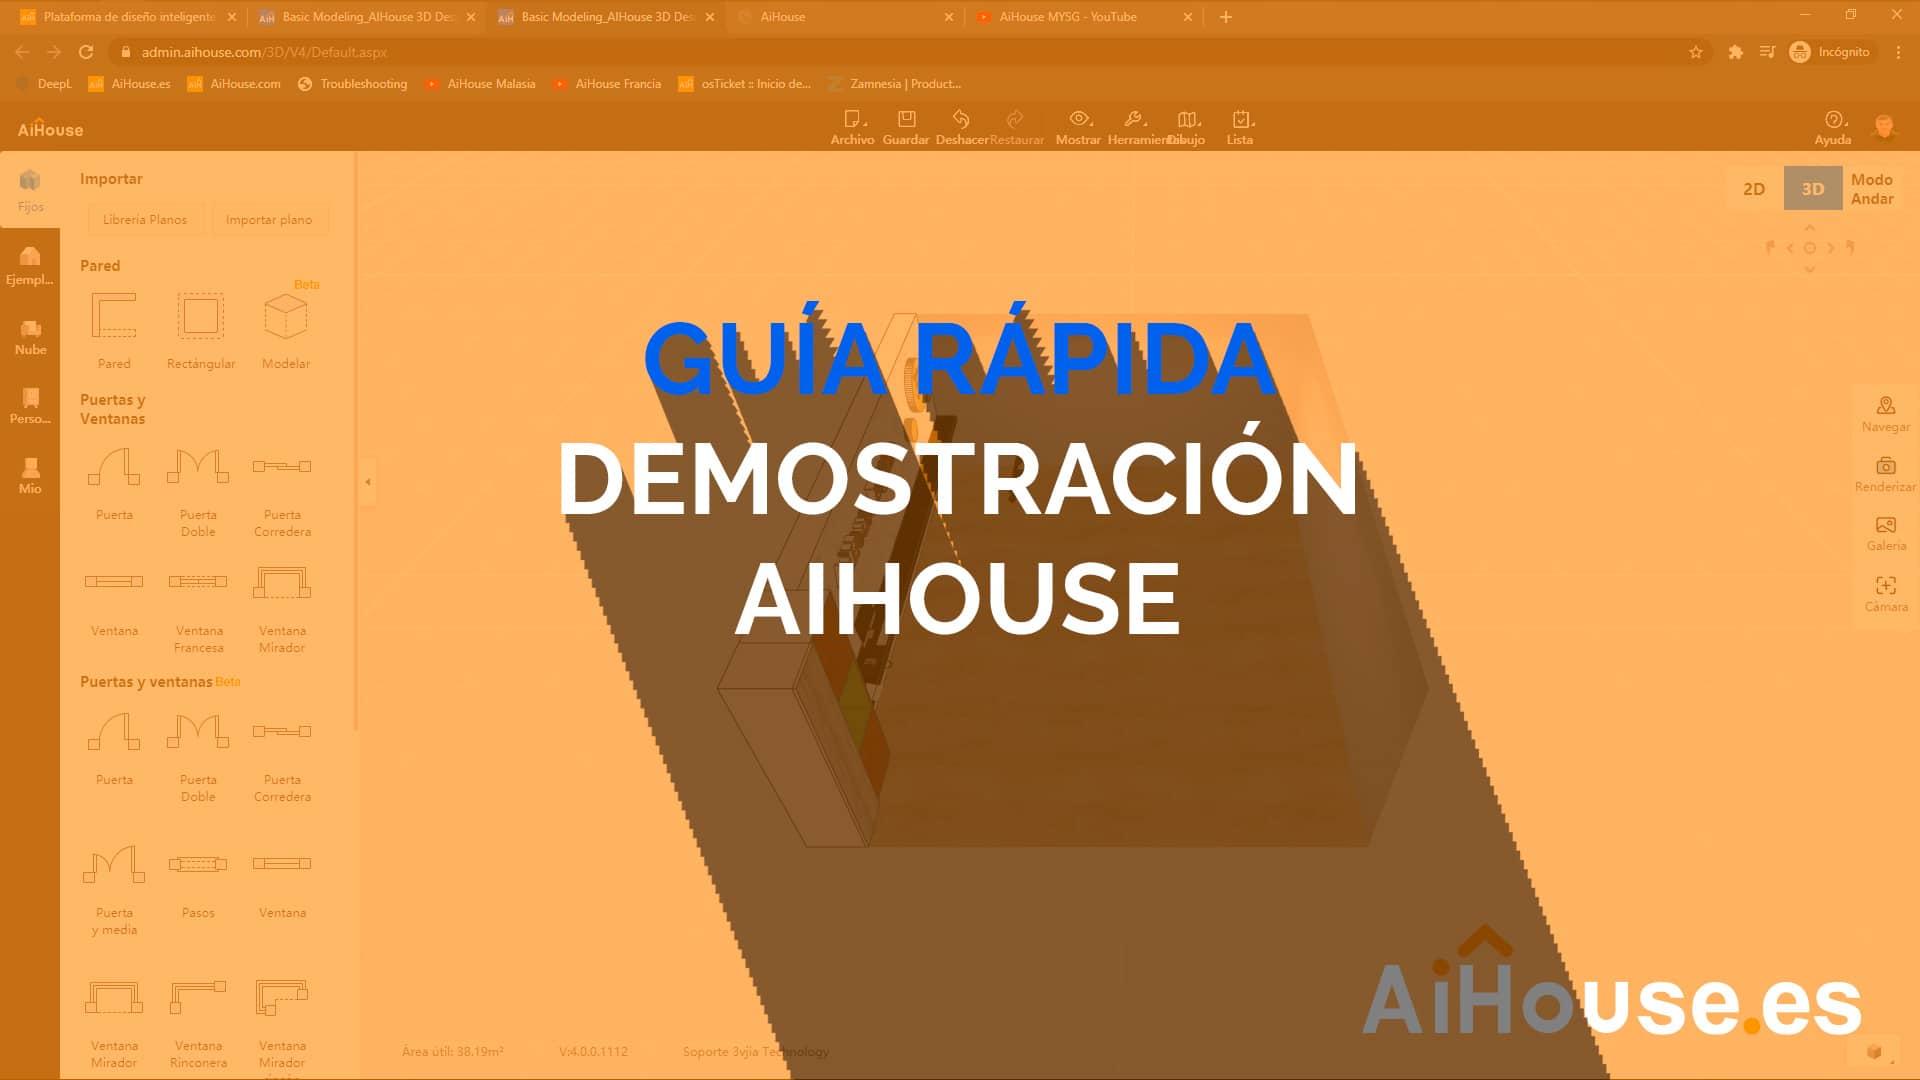 Demostración AiHouse